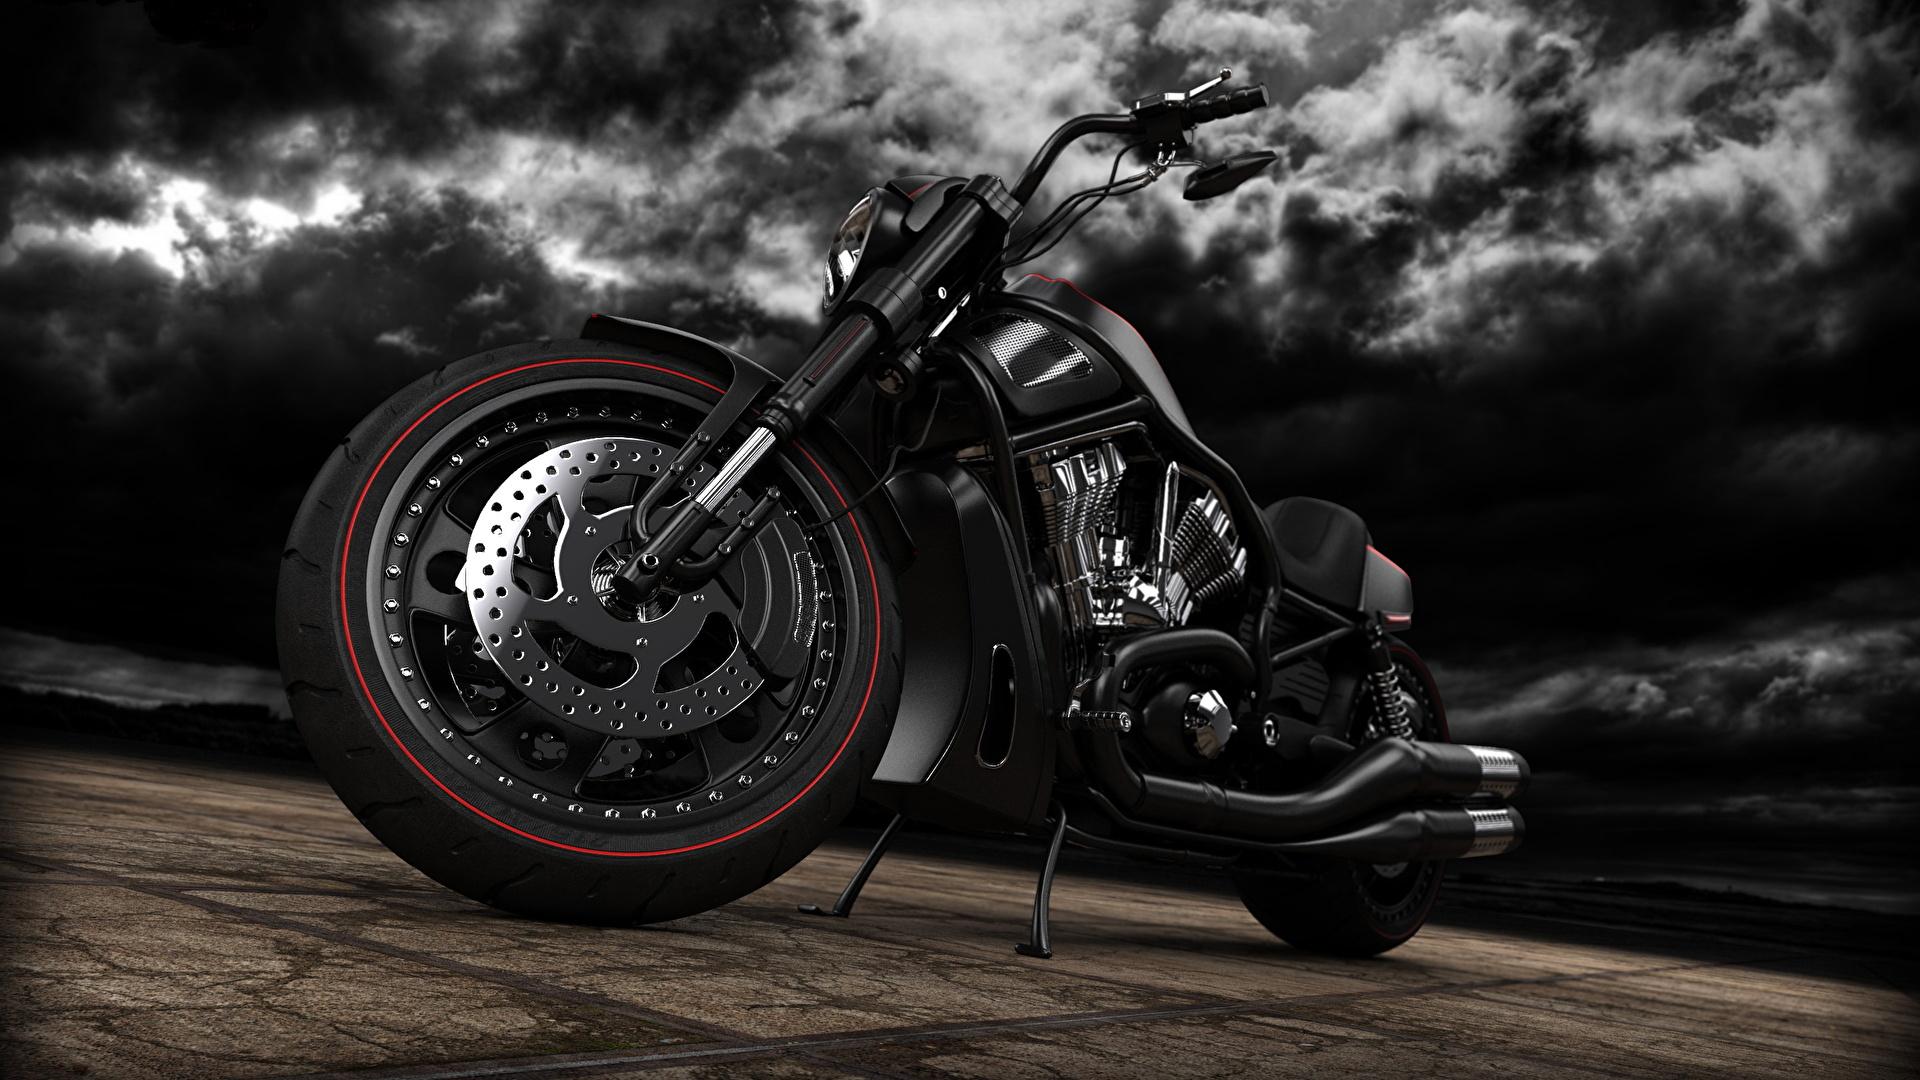 Bilder Von Harley-Davidson Räder Motorräder 1920X1080 bestimmt für Harley Davidson Hintergrundbilder